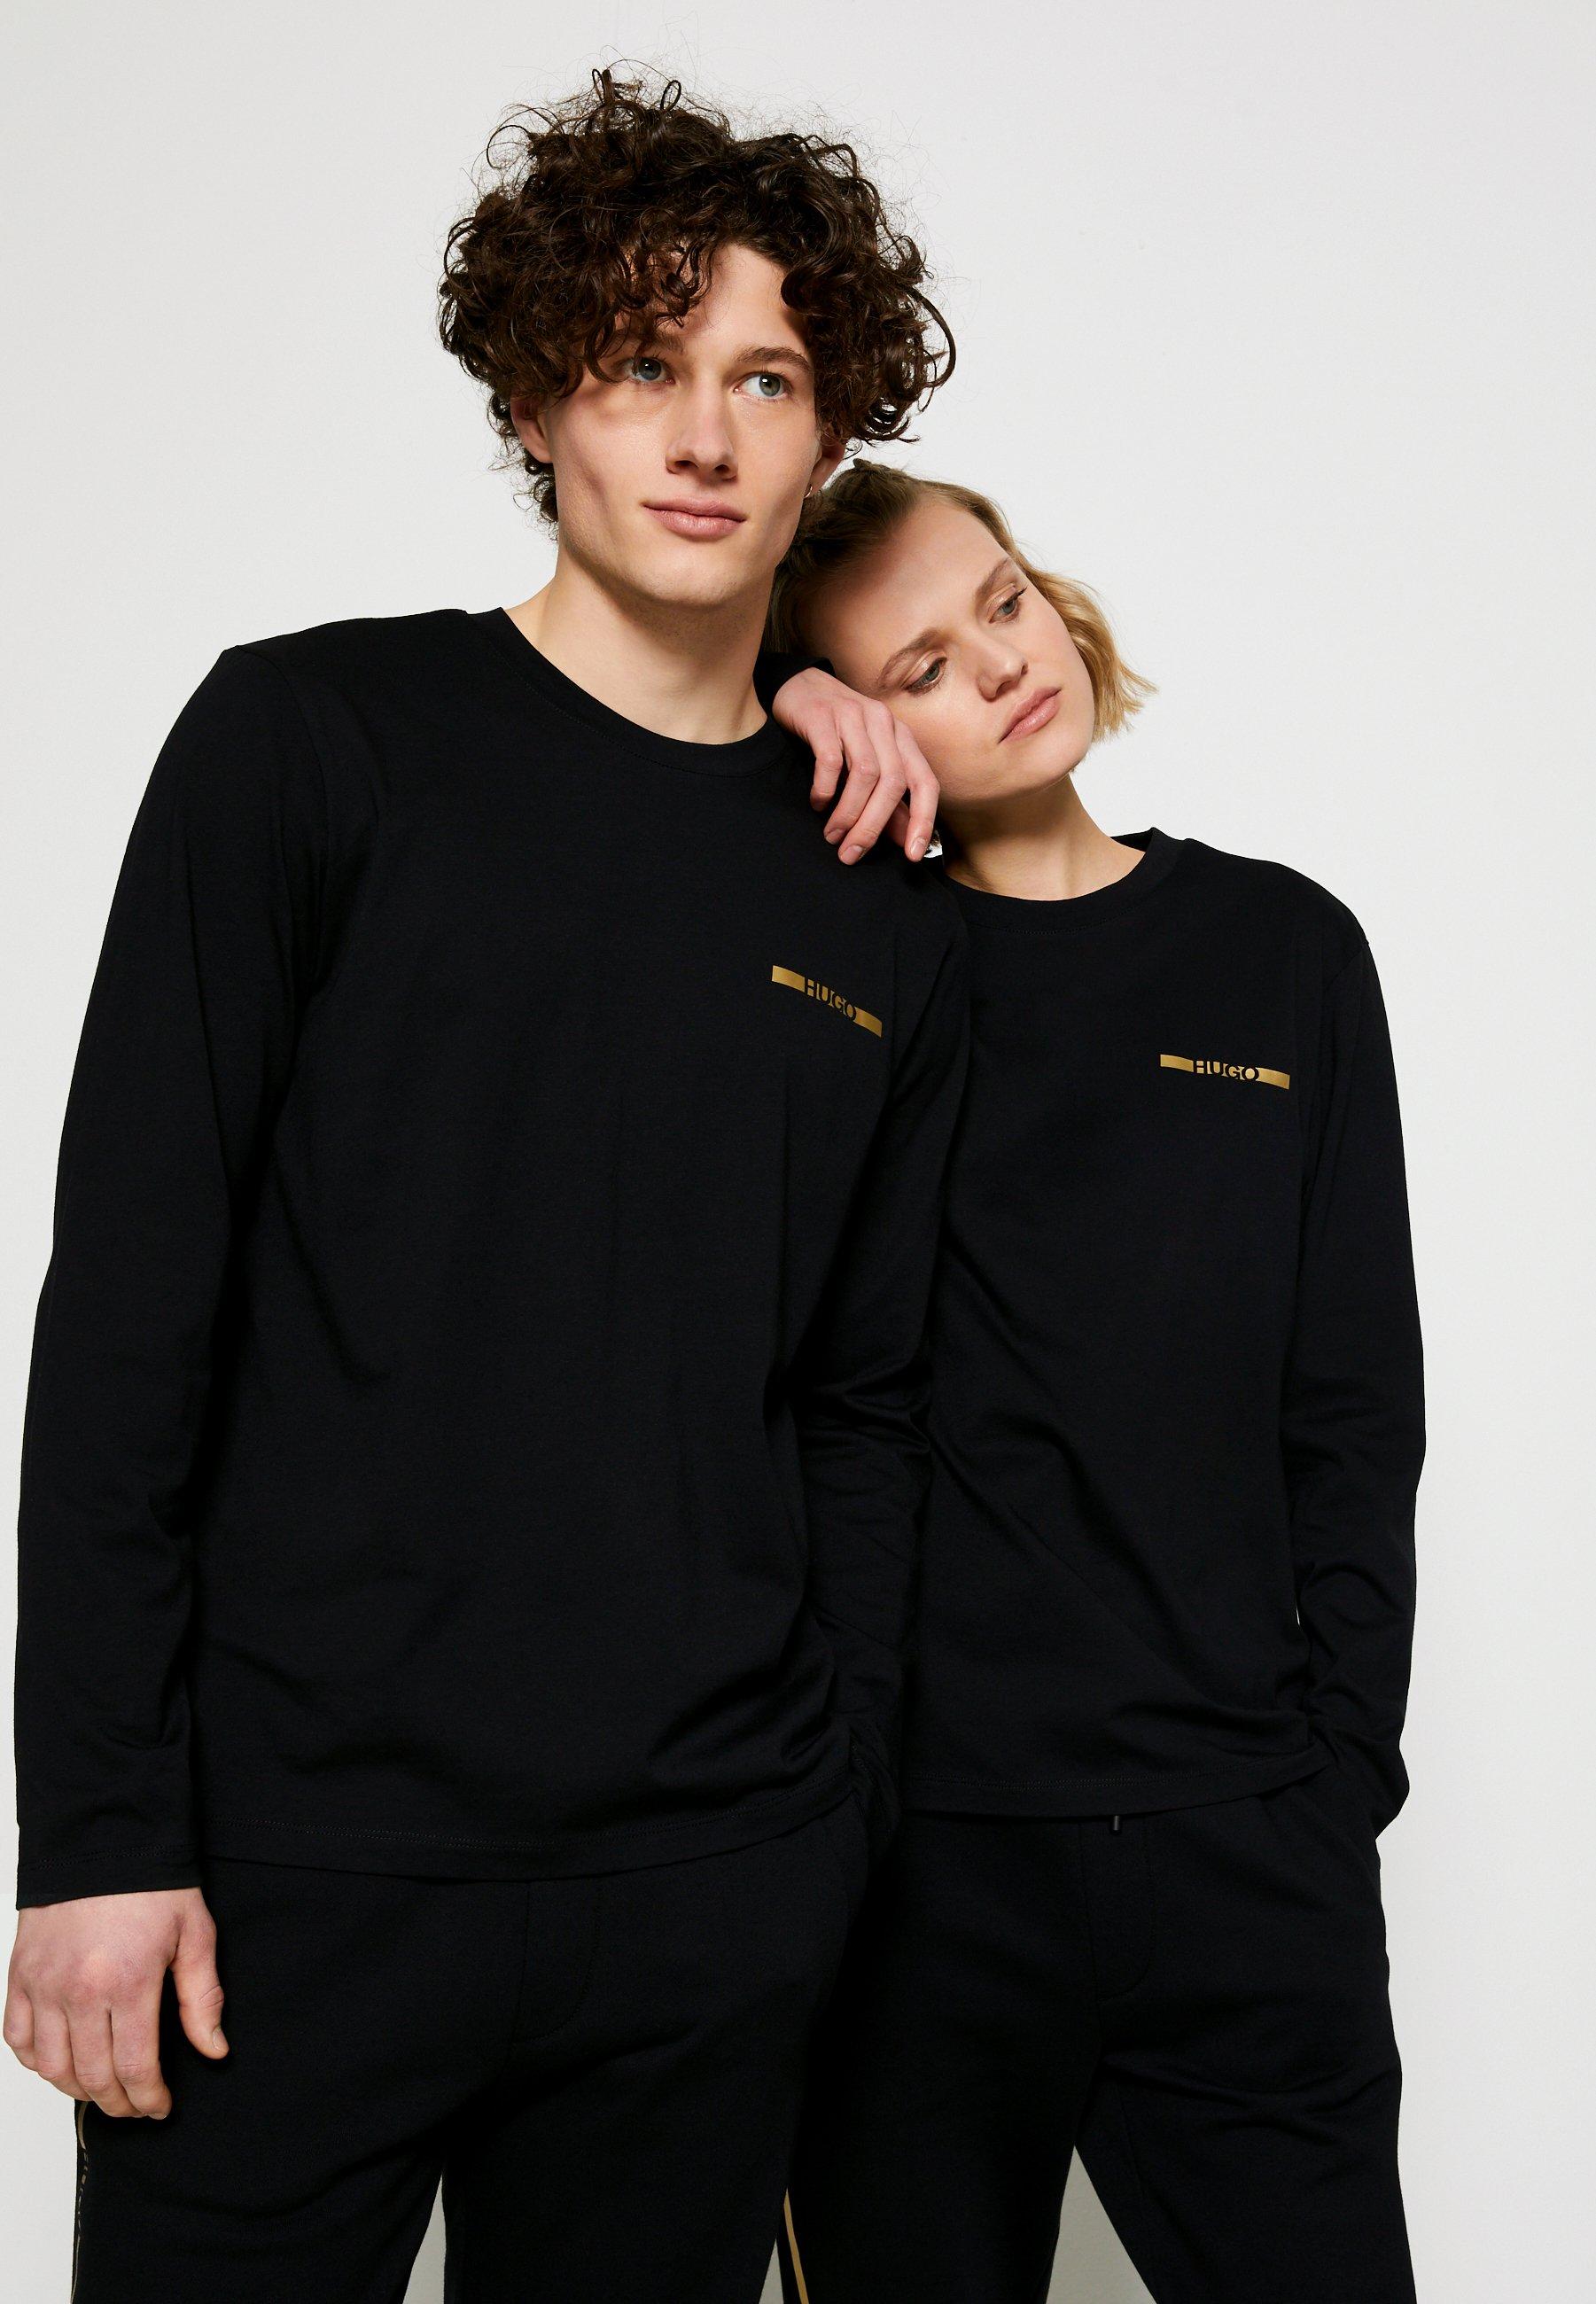 Homme DEROL METALLIC UNISEX - T-shirt à manches longues